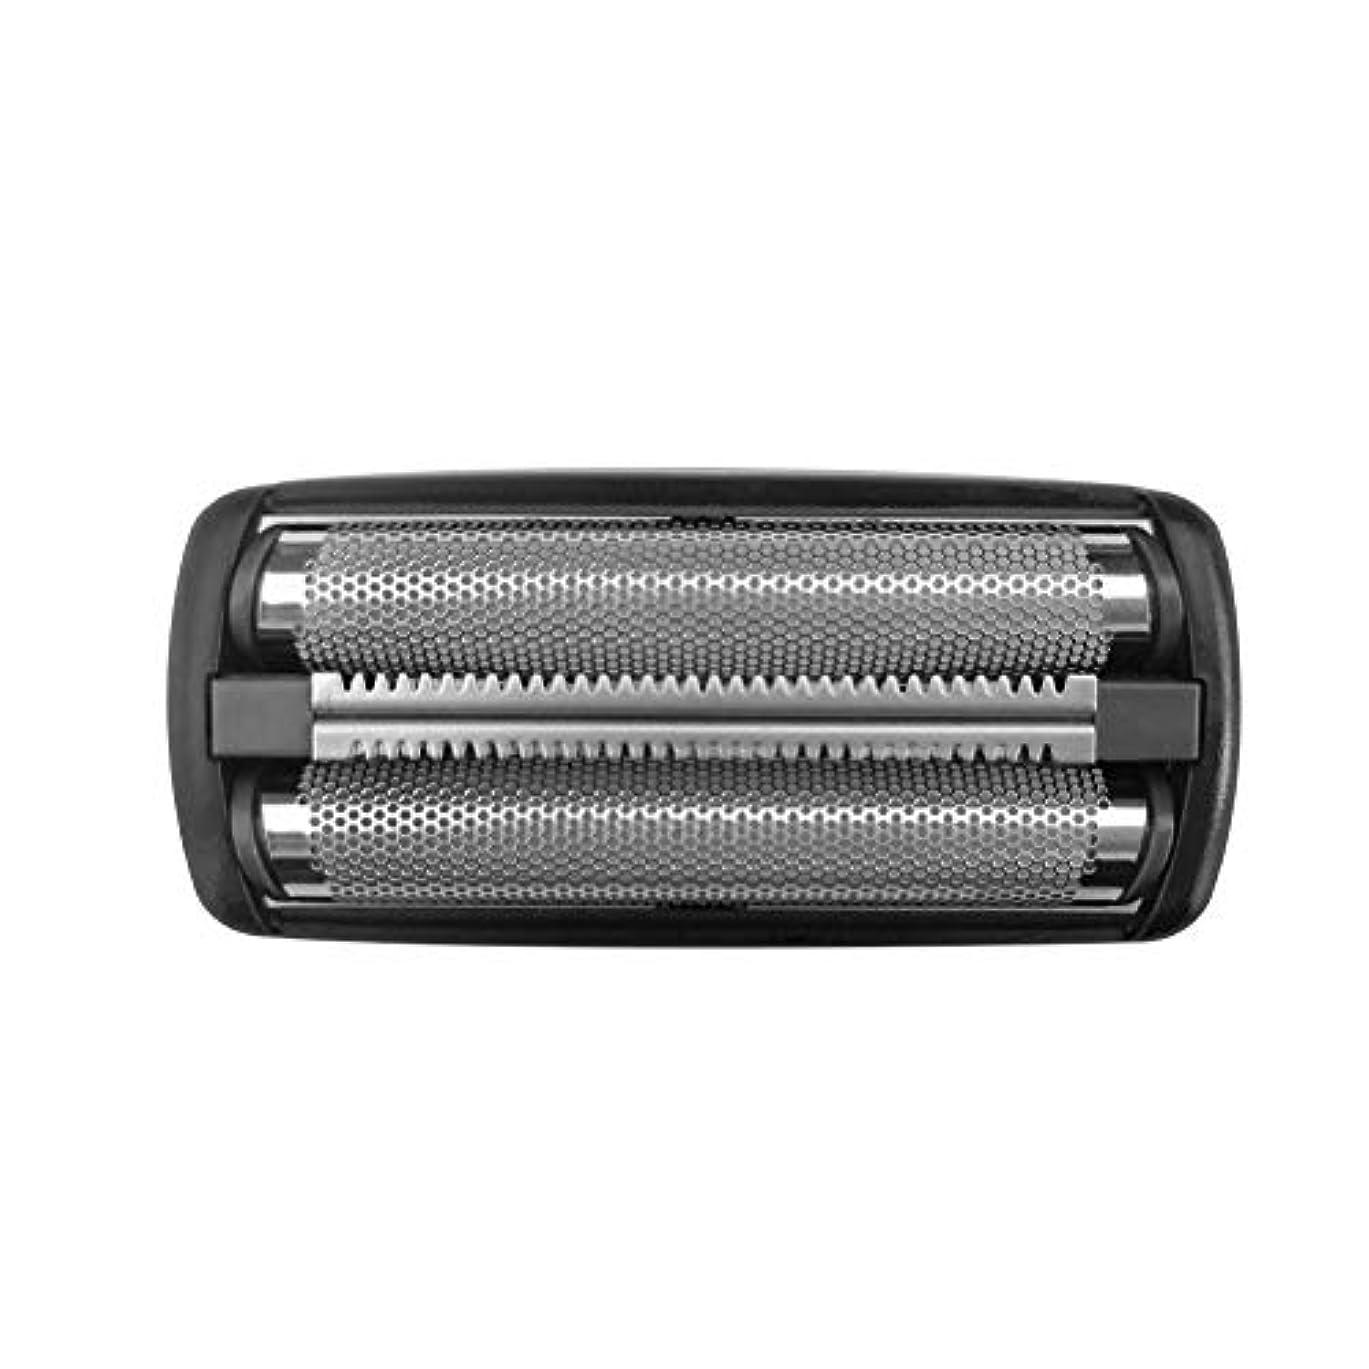 ずるい基礎理論追い付く電気シェーバー 替え刃 メンズシェーバー 網刃